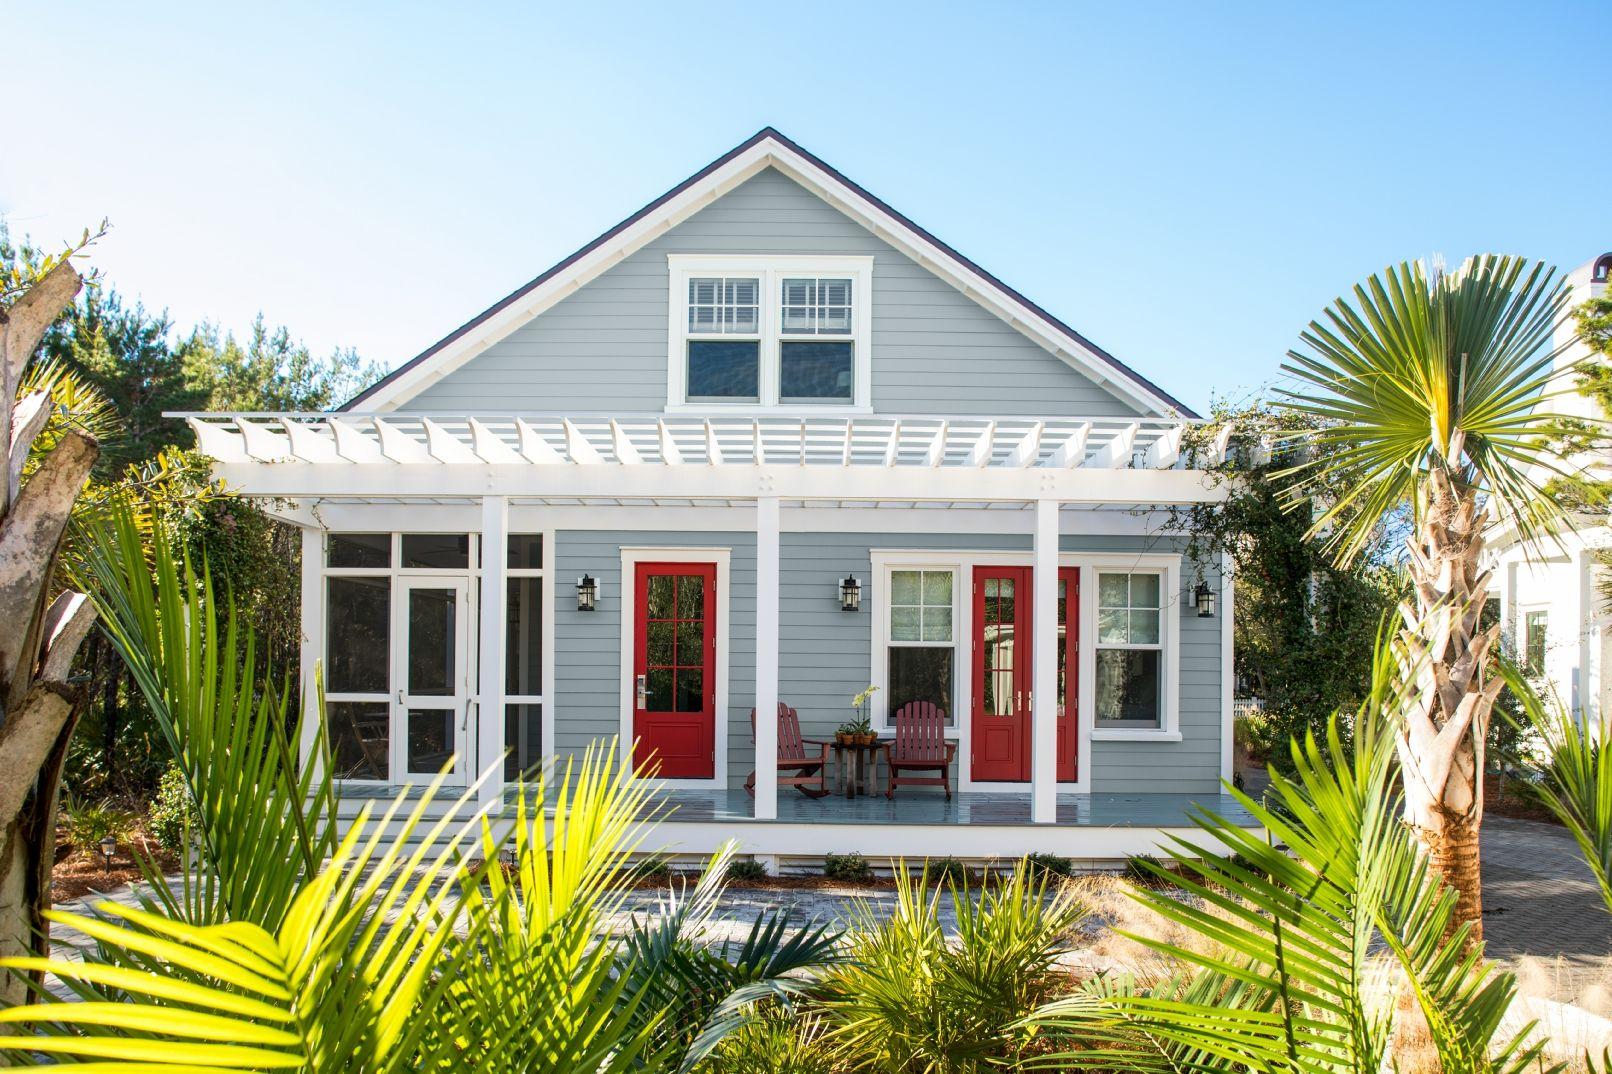 Home Exterior Color Ideas